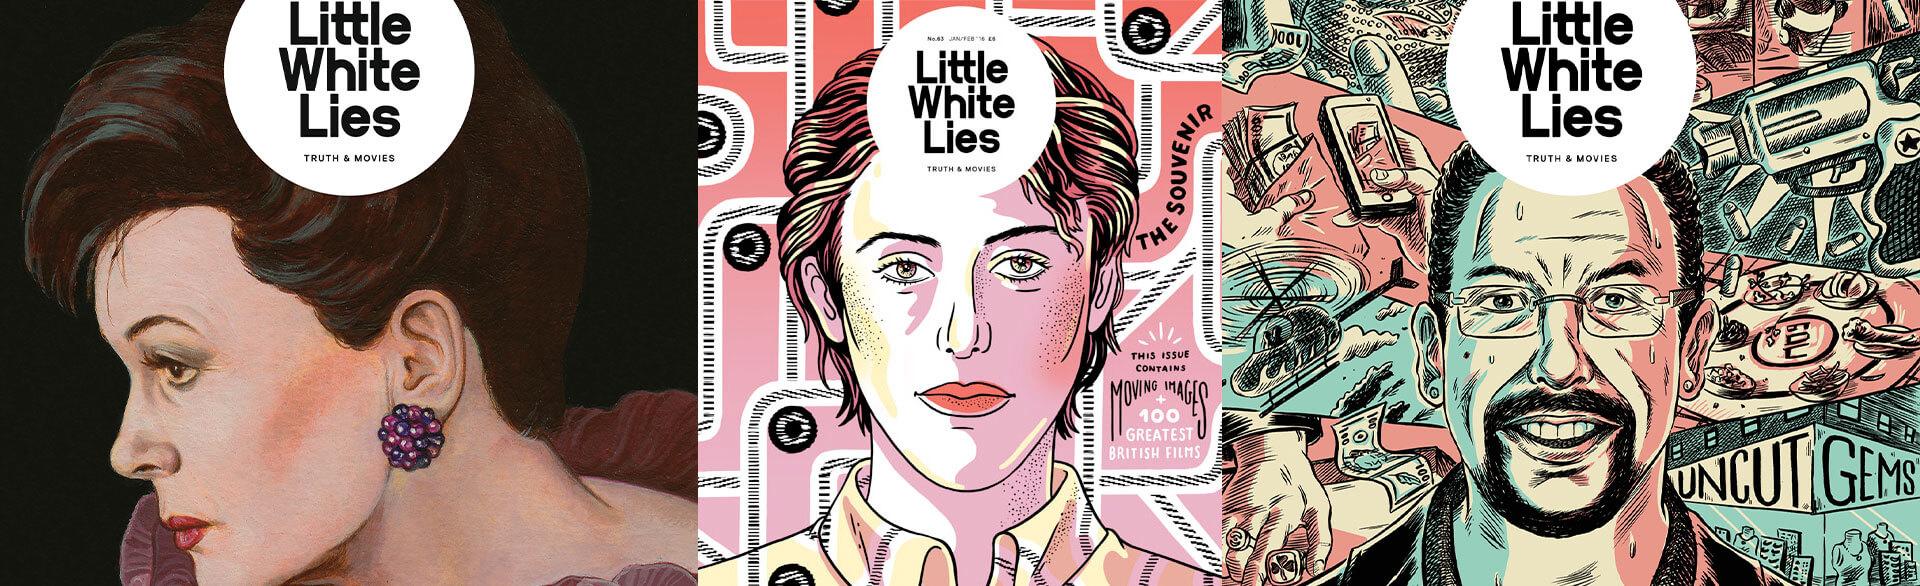 Red Carpet Club : Little White Lies